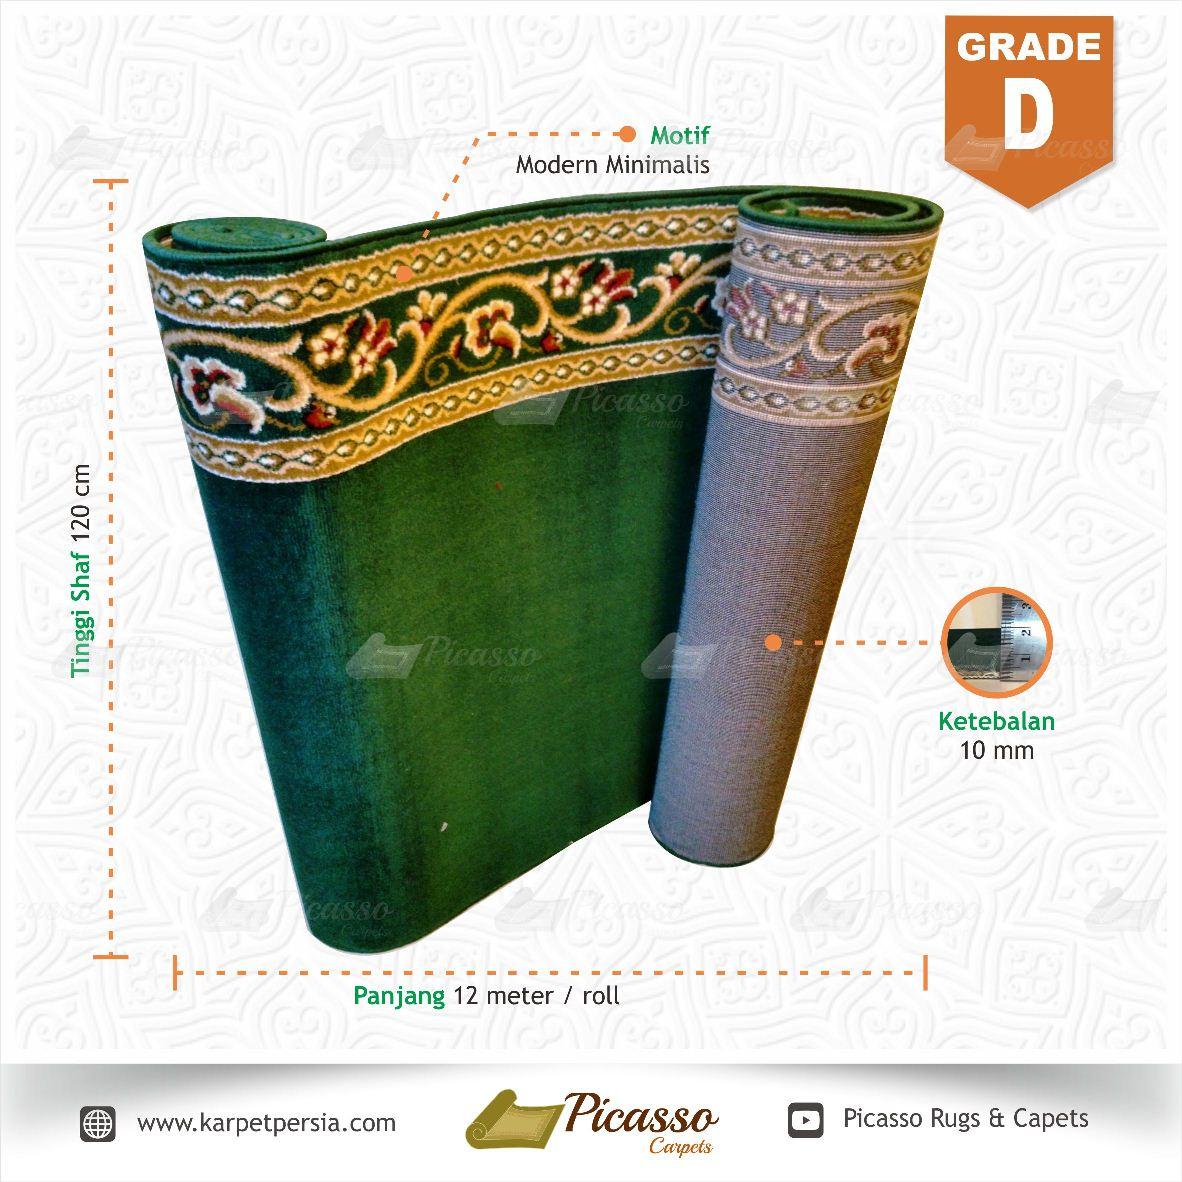 Karpet Masjid - Grade D